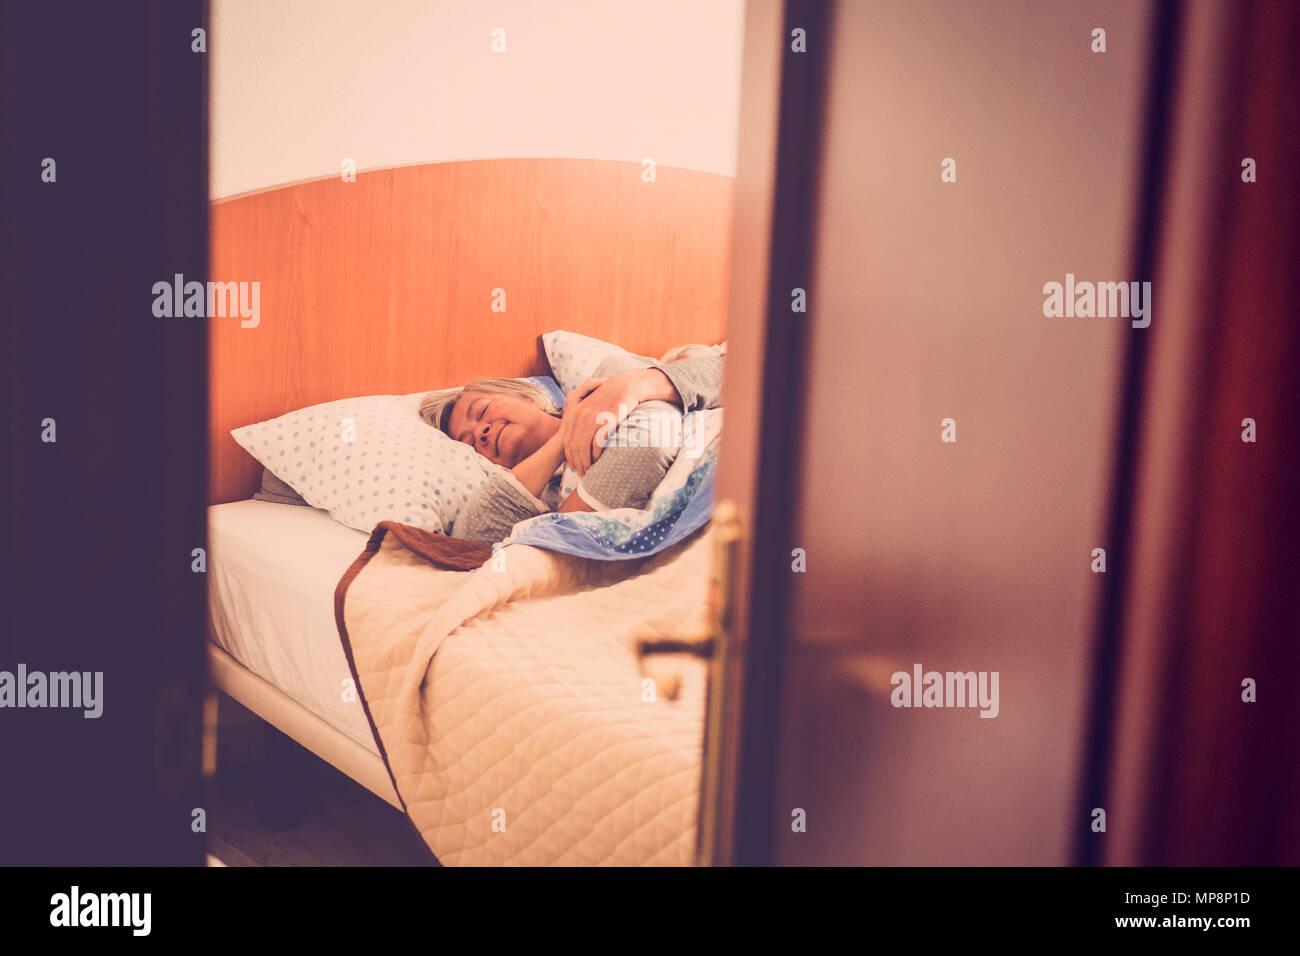 Erwachsener im Alter von Paar schlafen im Schlafzimmer zu Hause, Hallenbad täglich Szene für süße Liebe für immer. Retro Look Filter ausgeblendeten Szene. Süße und ältere Menschen Stockbild